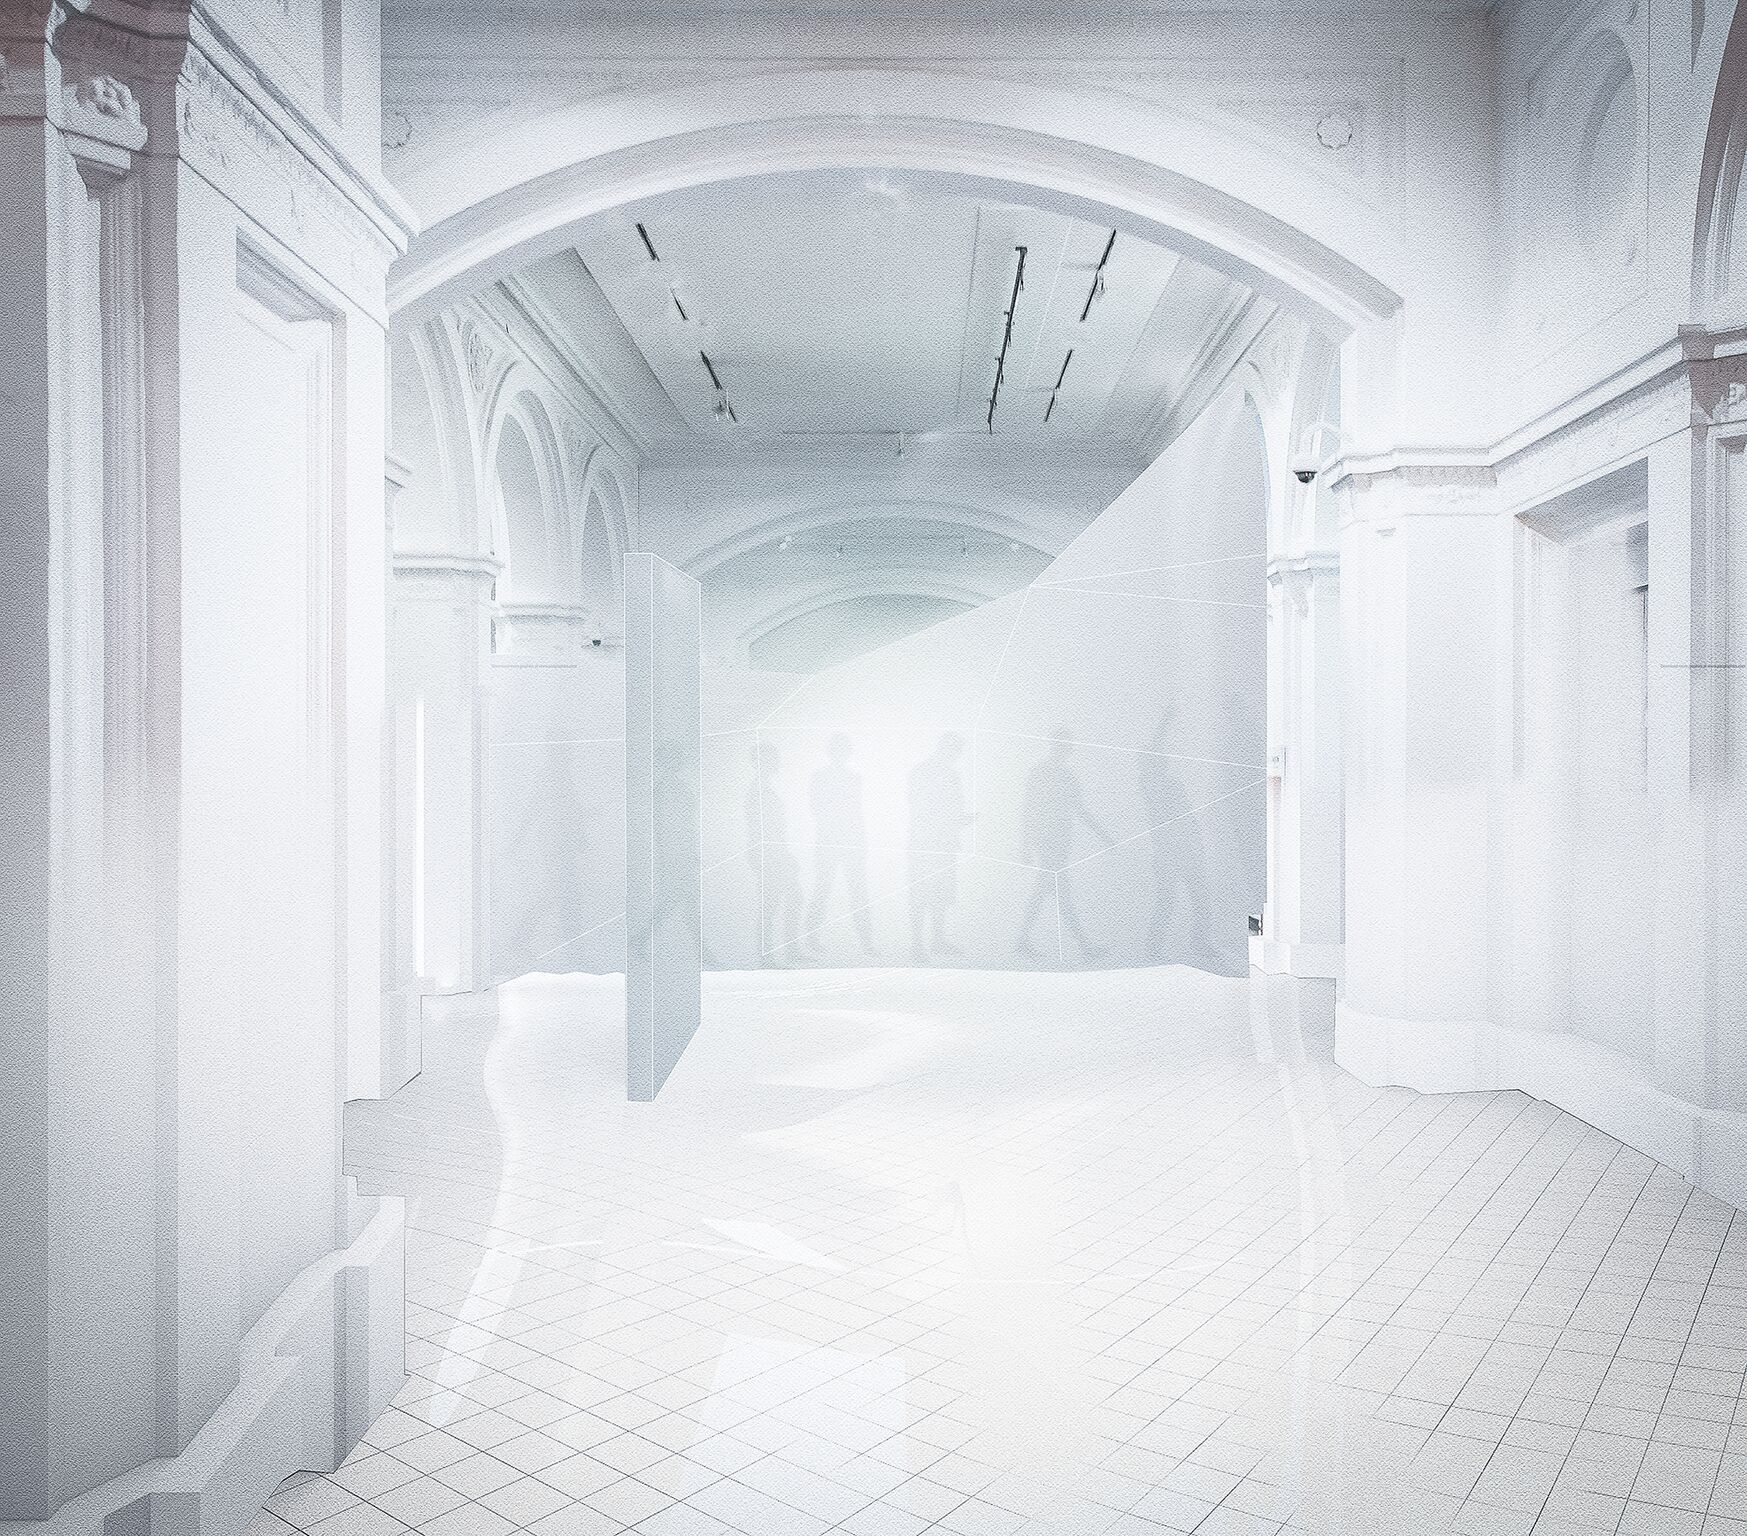 Tiled Floor White_preview.jpg